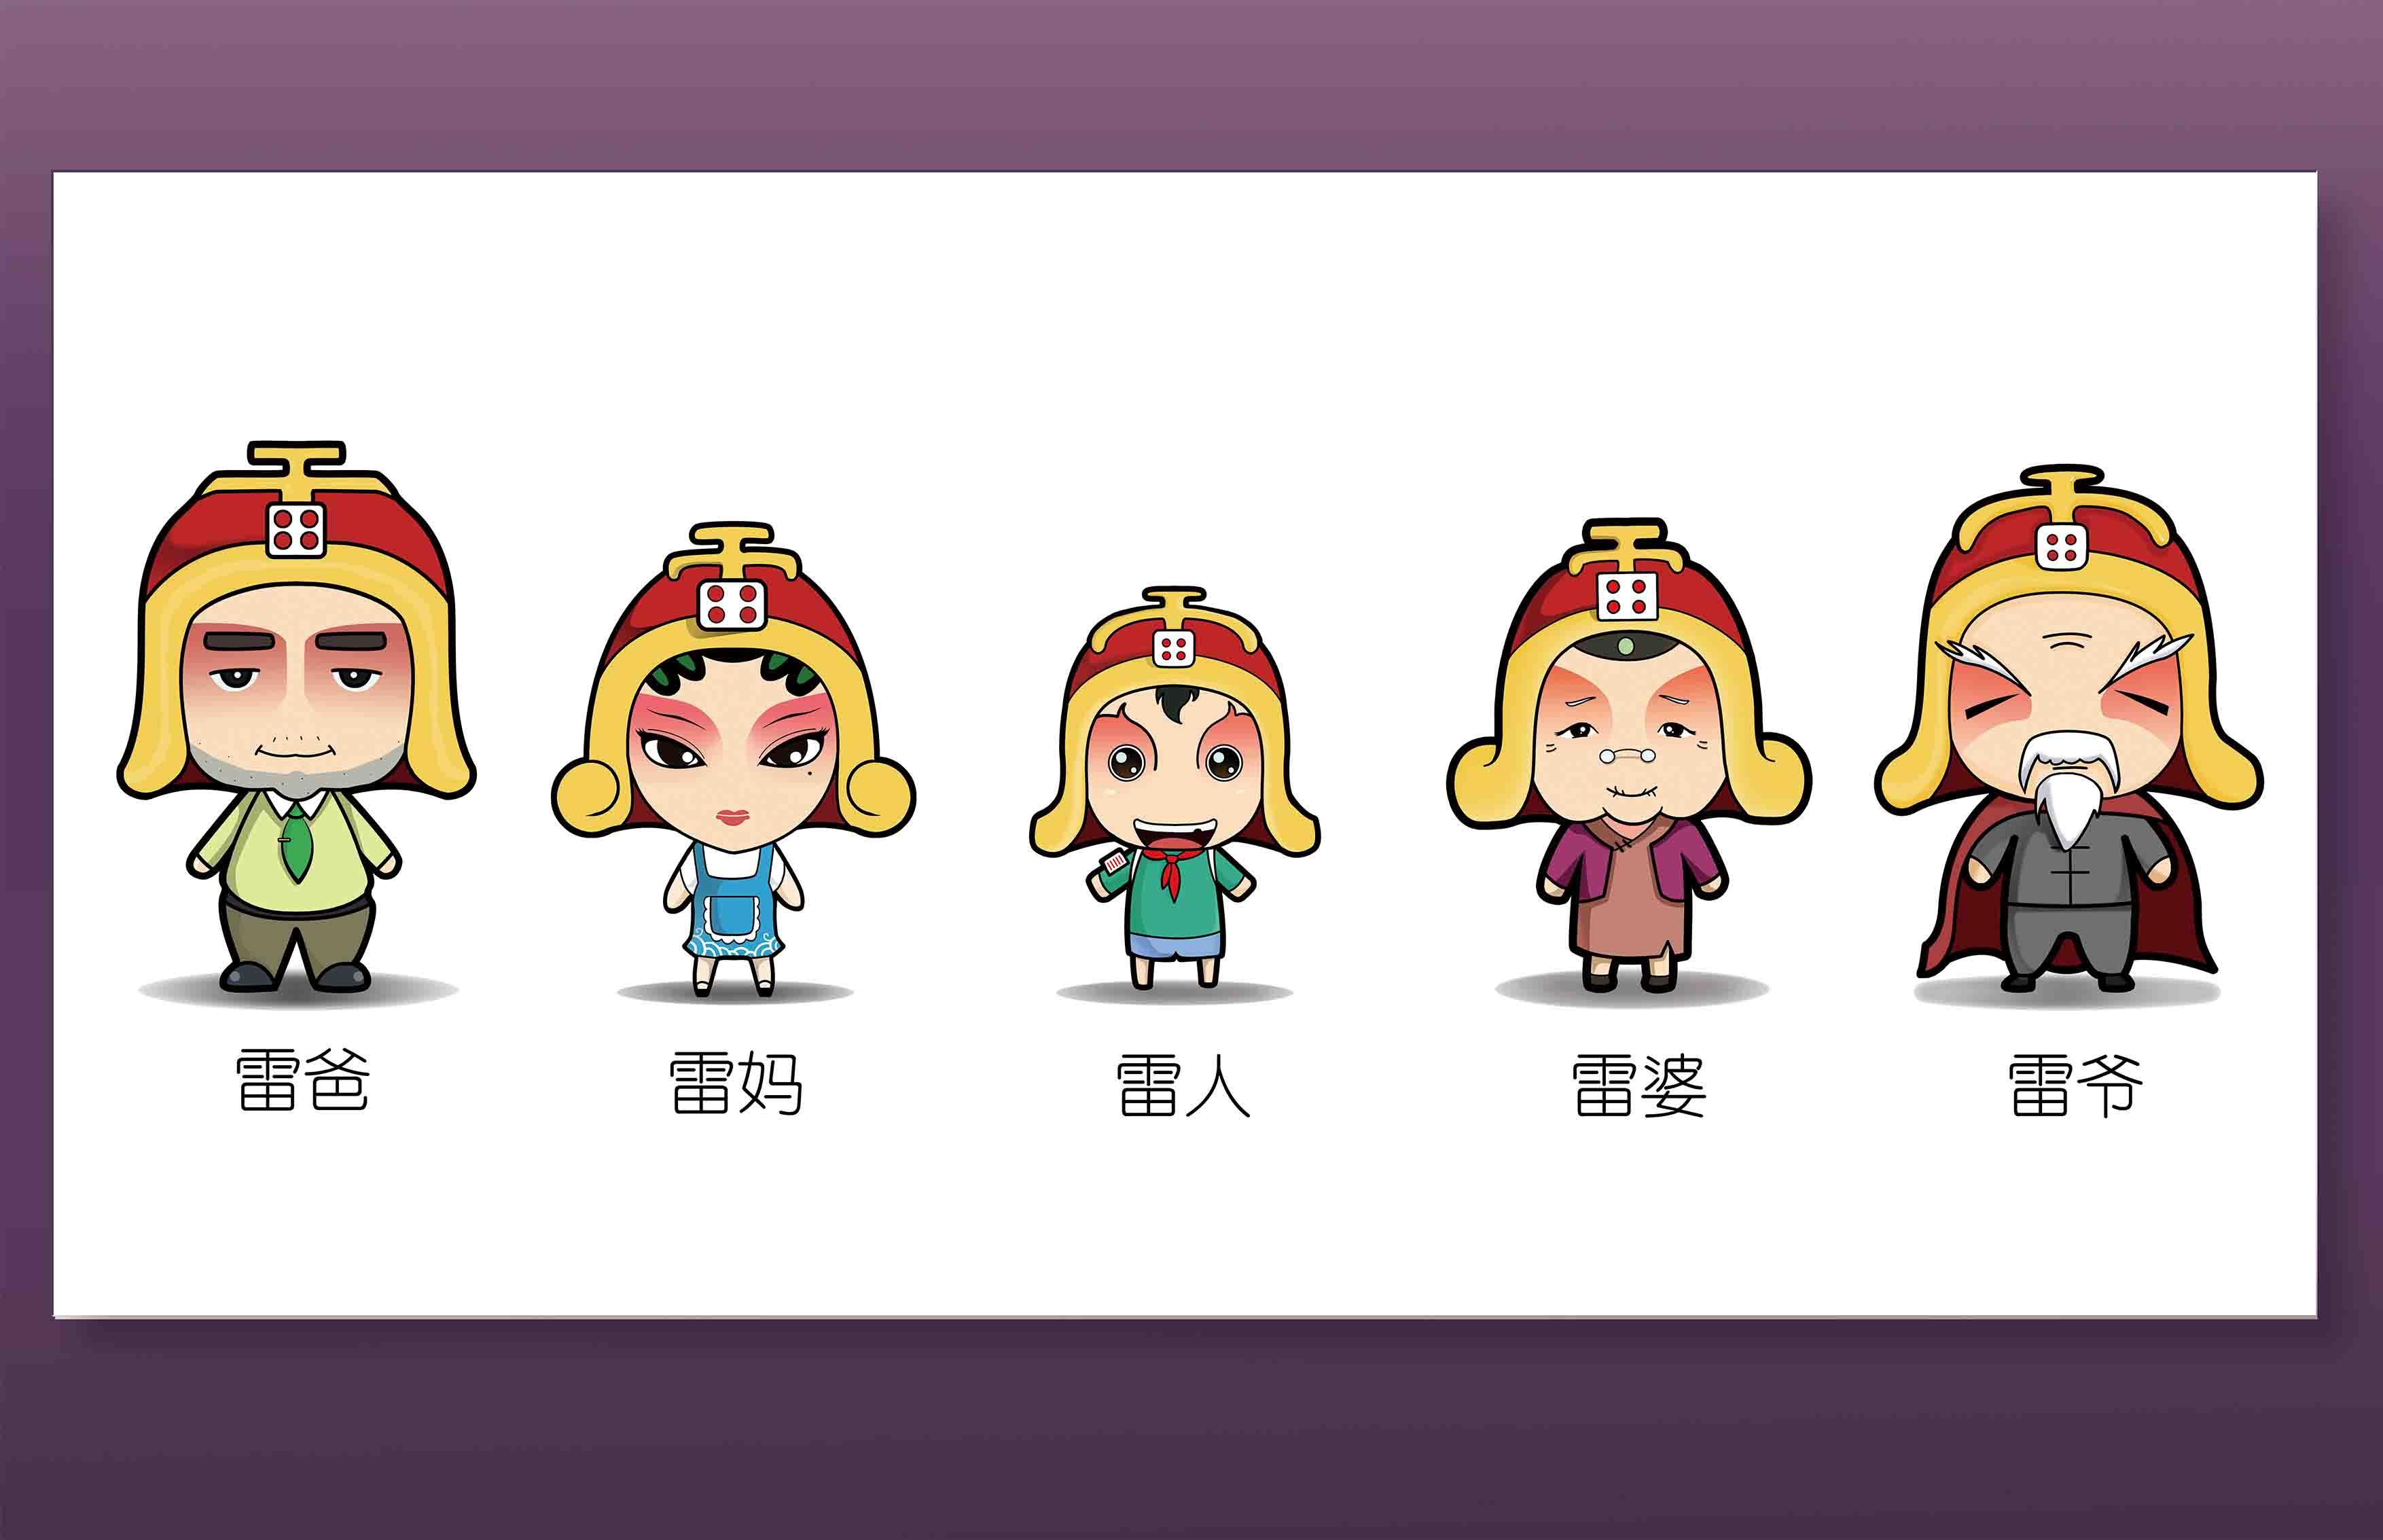 小学校园吉祥物设计展示